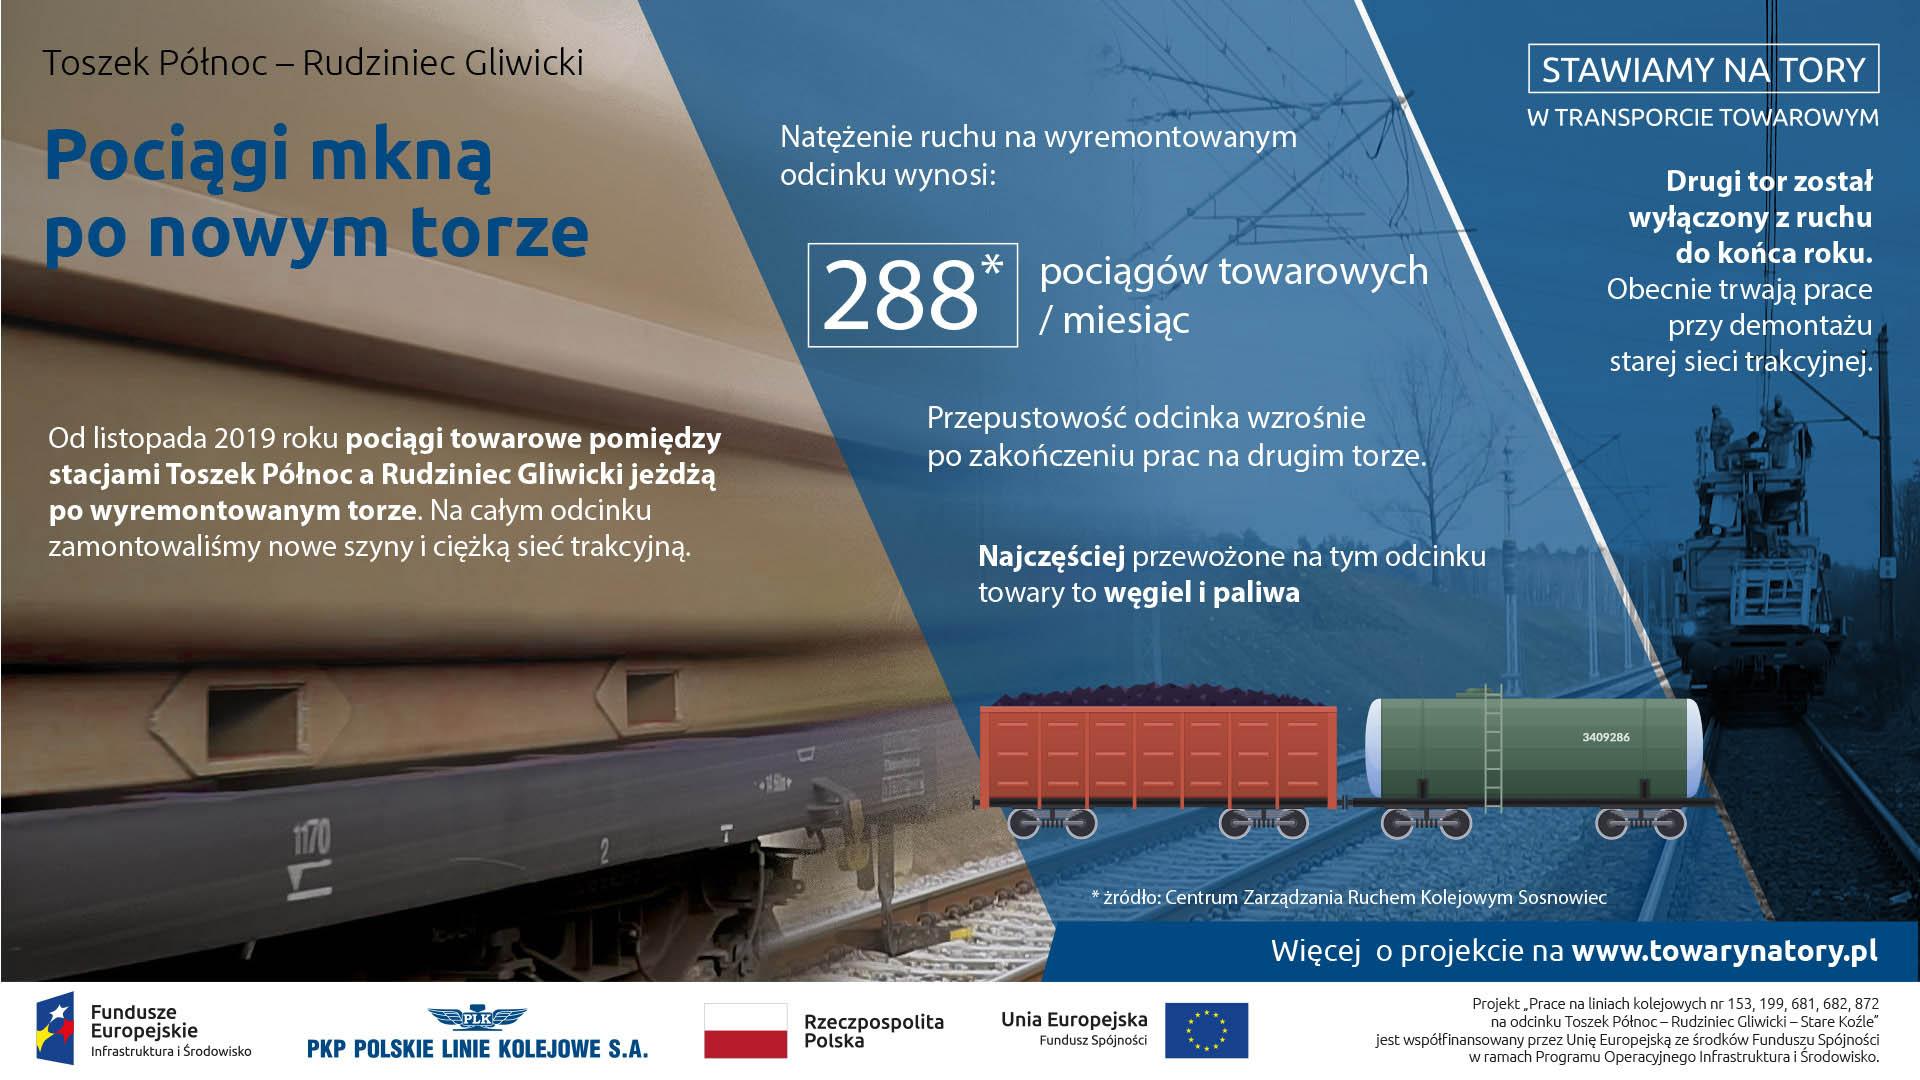 Infografika mówiąca o natężeniu ruchu na linii Toszek Północ - Rudziniec Gliwicki. Po wyremontowanym odcinku będzie poruszać się 288 pociągów towarowych. Głównie będą przewoziły węgiel i paliwa.